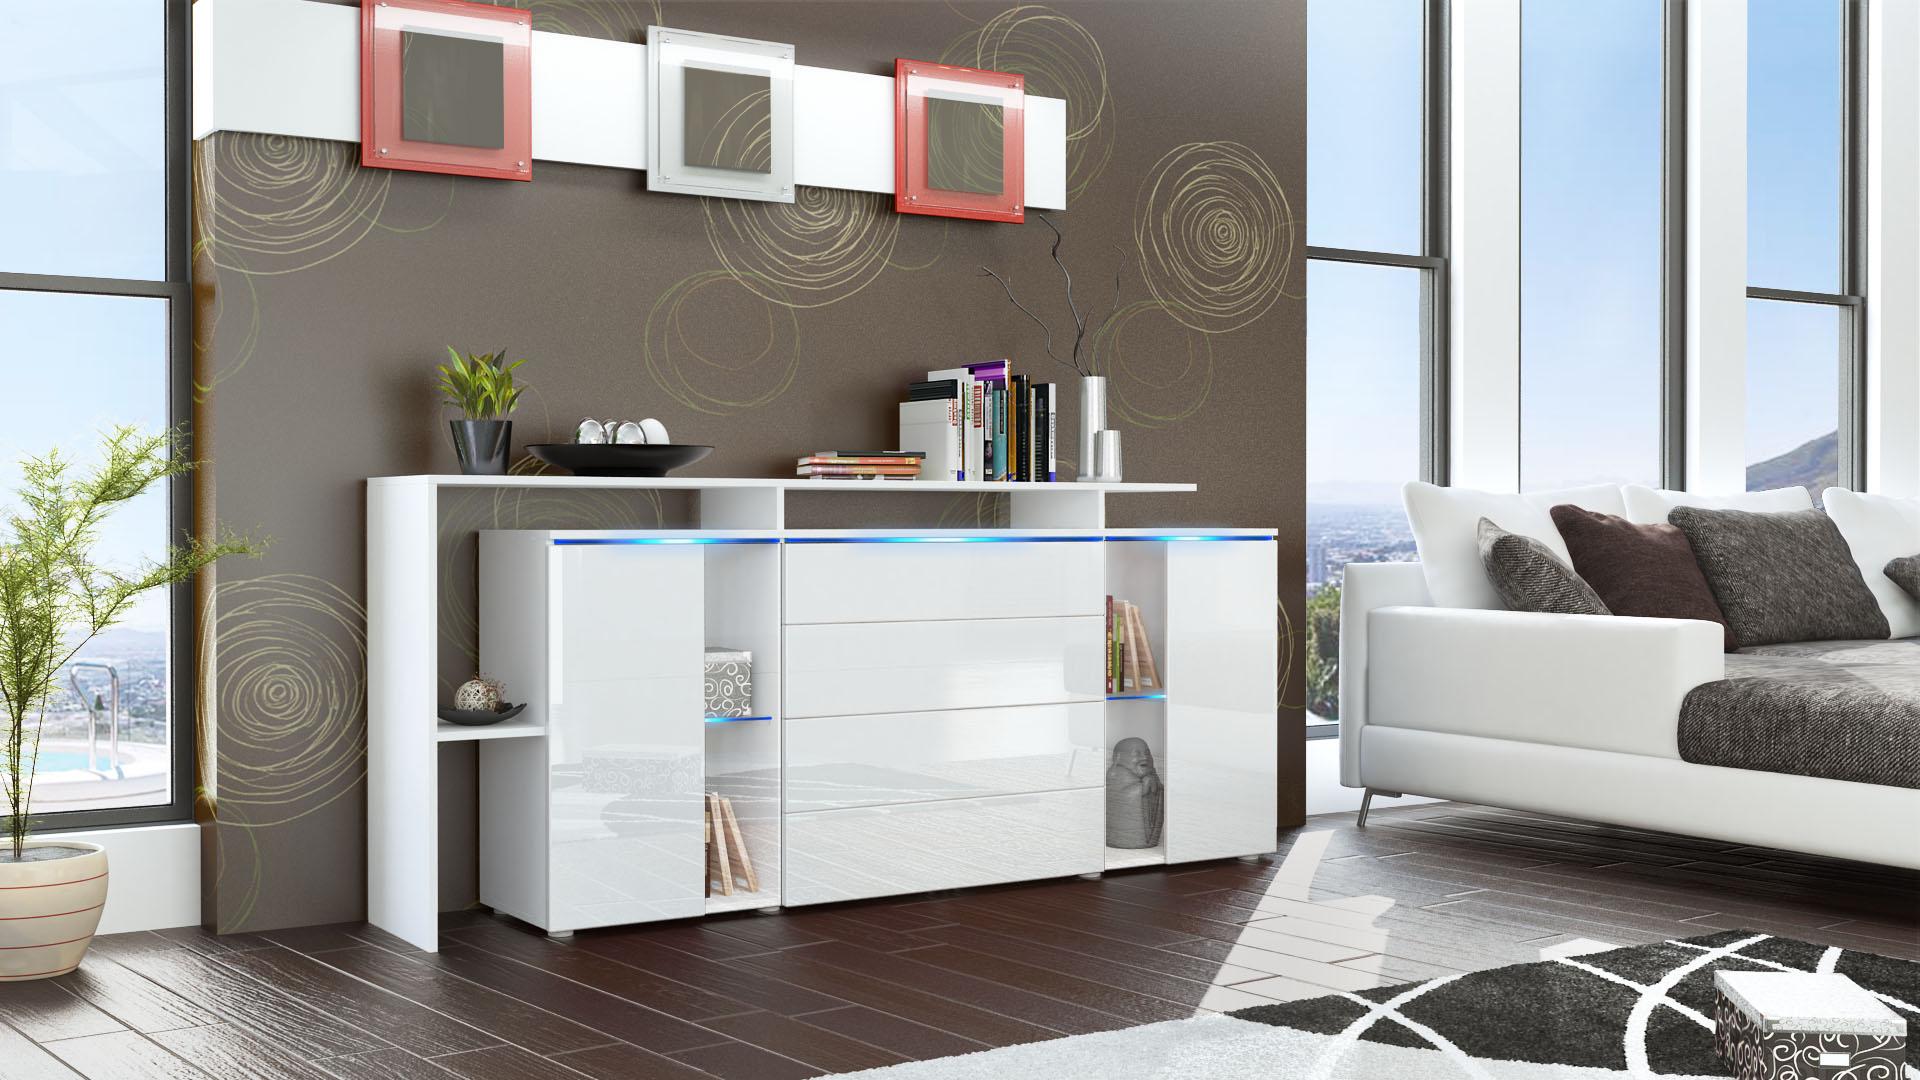 sideboard cabinet led lissabon v2 white matt high gloss natural tones ebay. Black Bedroom Furniture Sets. Home Design Ideas